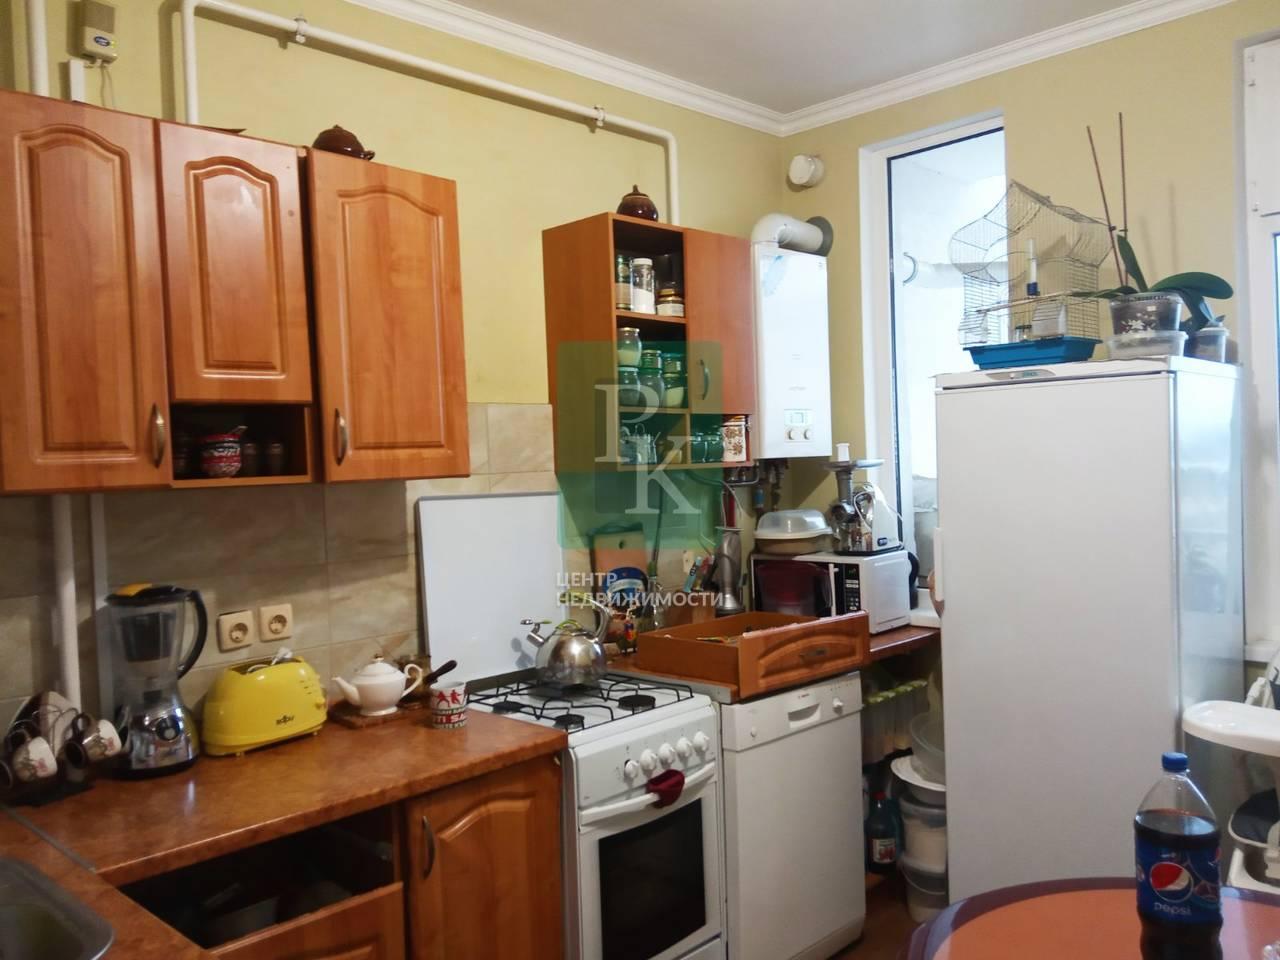 Продается двухкомнатная квартира в г Бахчисарае на улице Мира